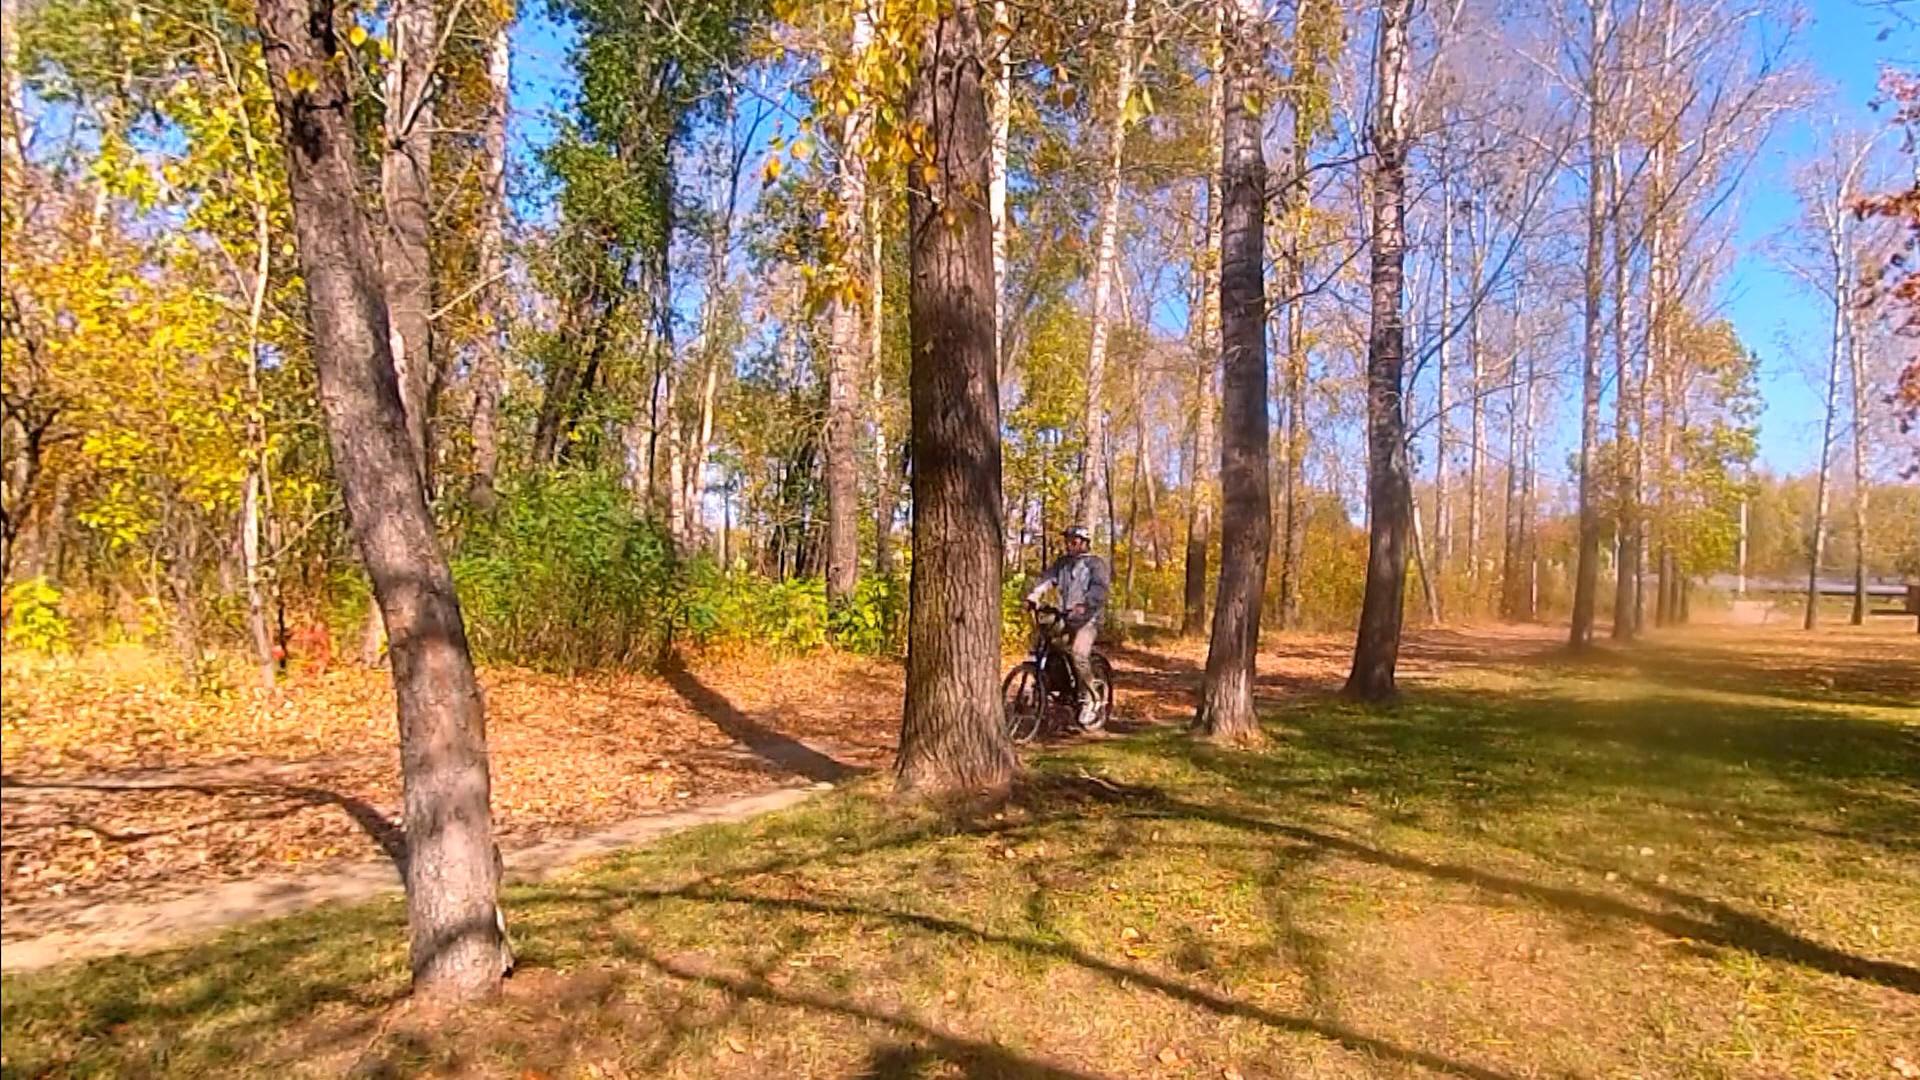 20 Падают листья  Соловьев Андрей.jpg